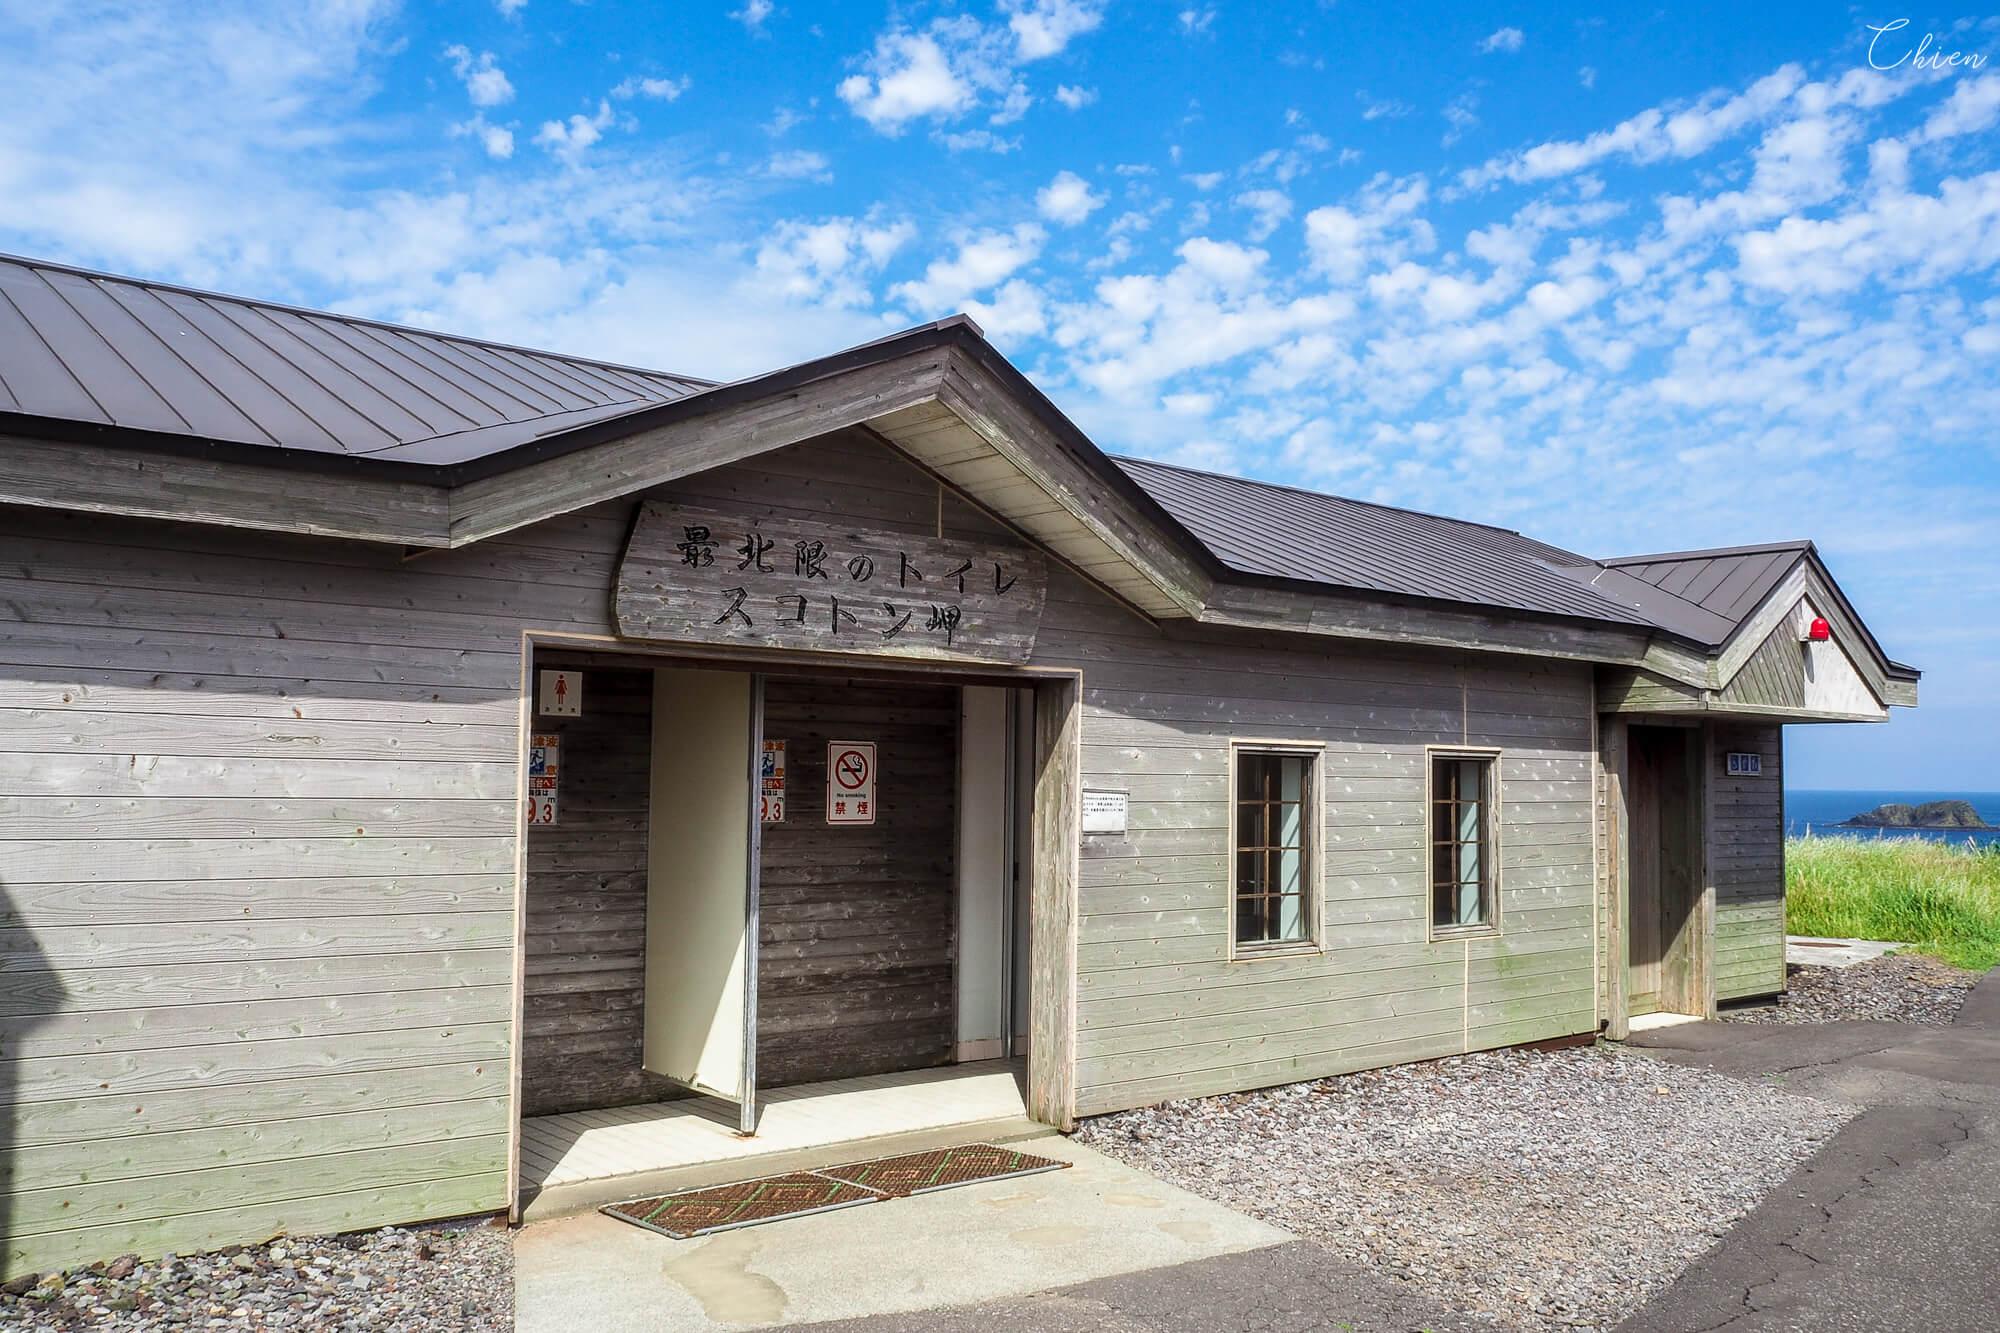 稚內禮文島 日本最北的廁所